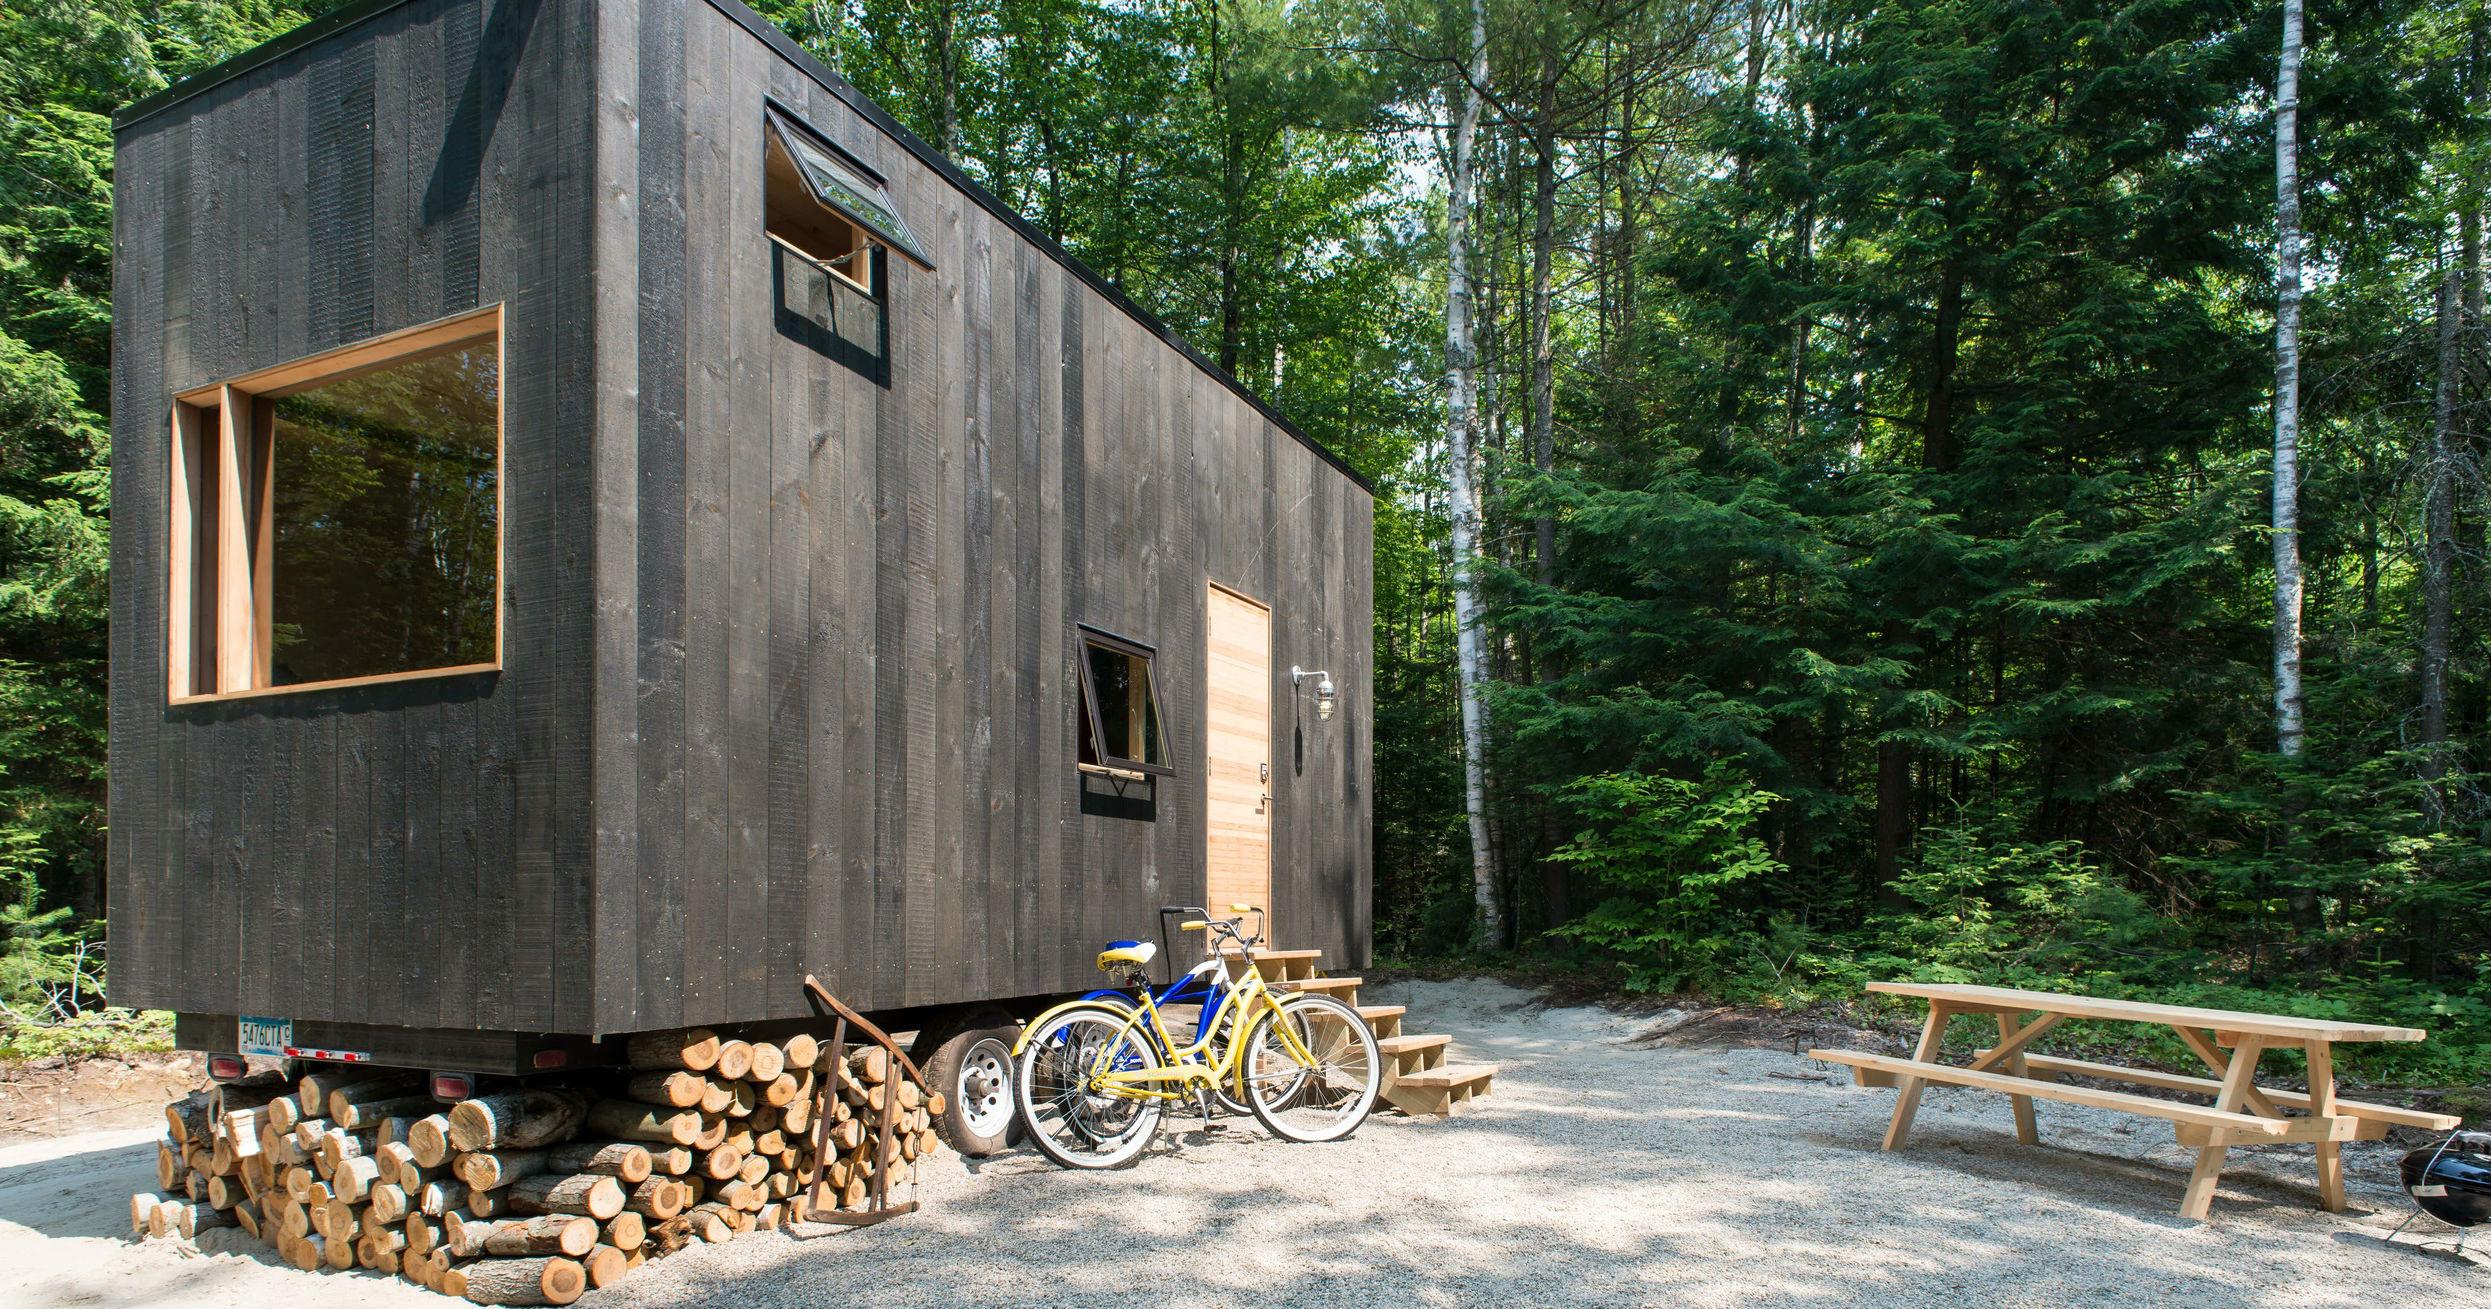 minicase nascoste nei boschi per spegnere il cellulare idealista news. Black Bedroom Furniture Sets. Home Design Ideas